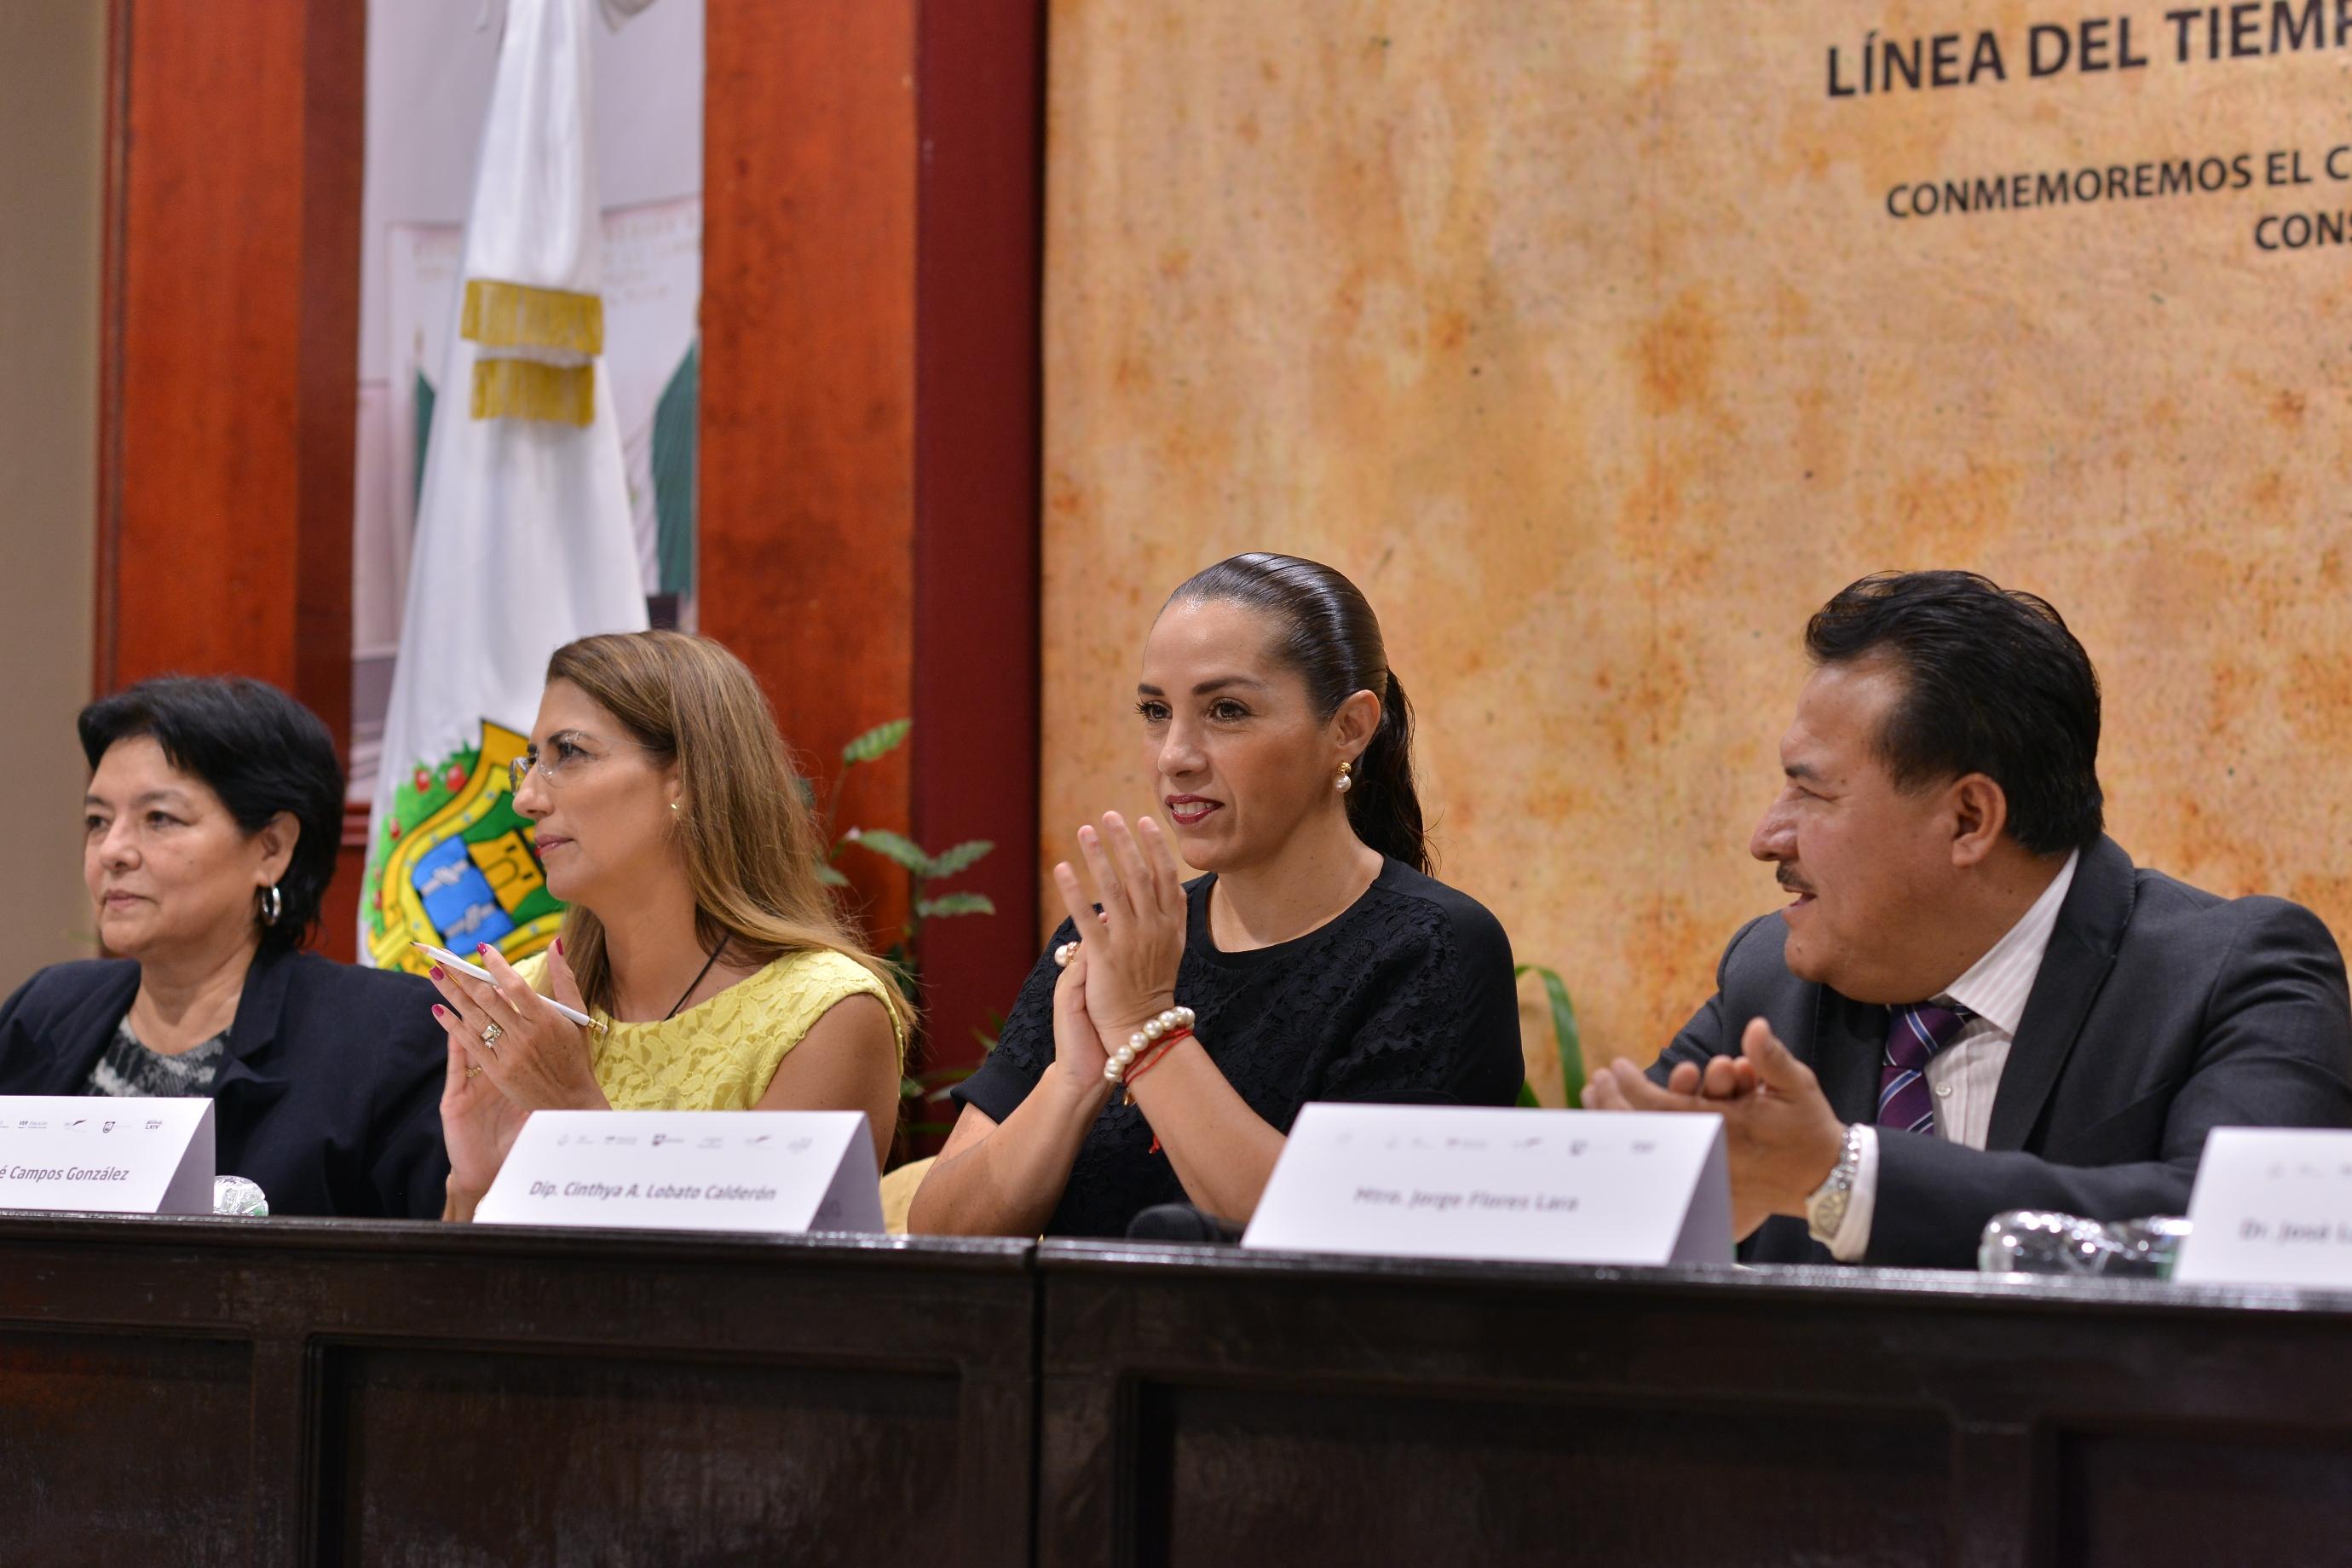 Ciudadanos deben participar en el diseño y actualización de las leyes: Lobato Calderón